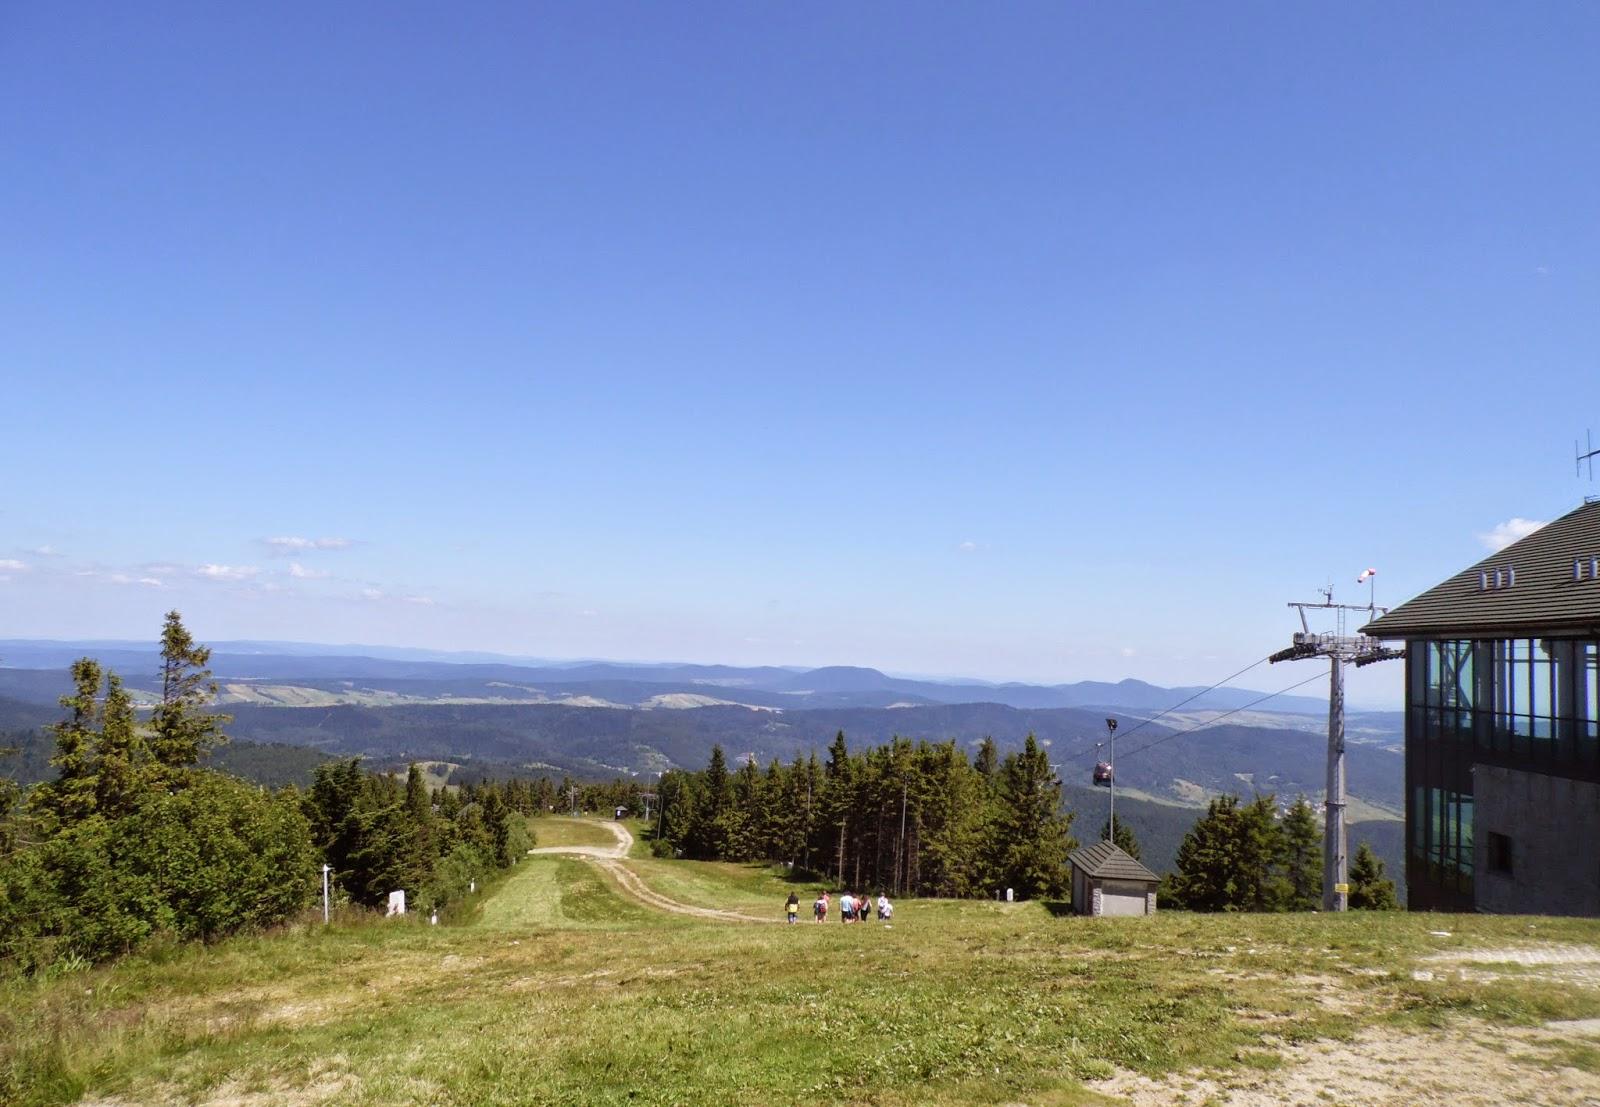 Widok z Jaworzyny Krynickiej (z okolic górnej stacji kolejki gondolowej)